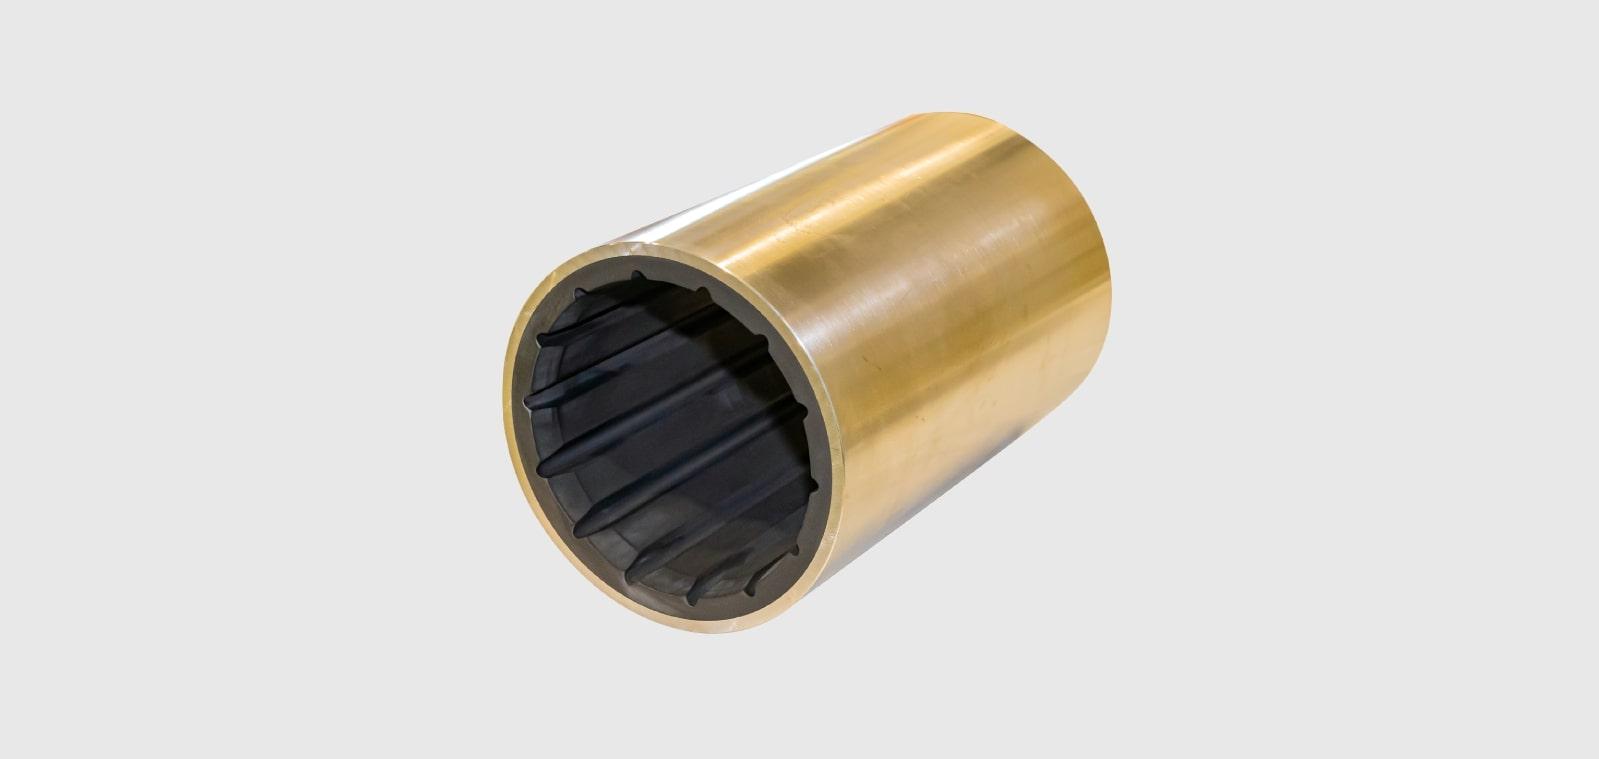 水潤滑軸受 (ゴム軸受)